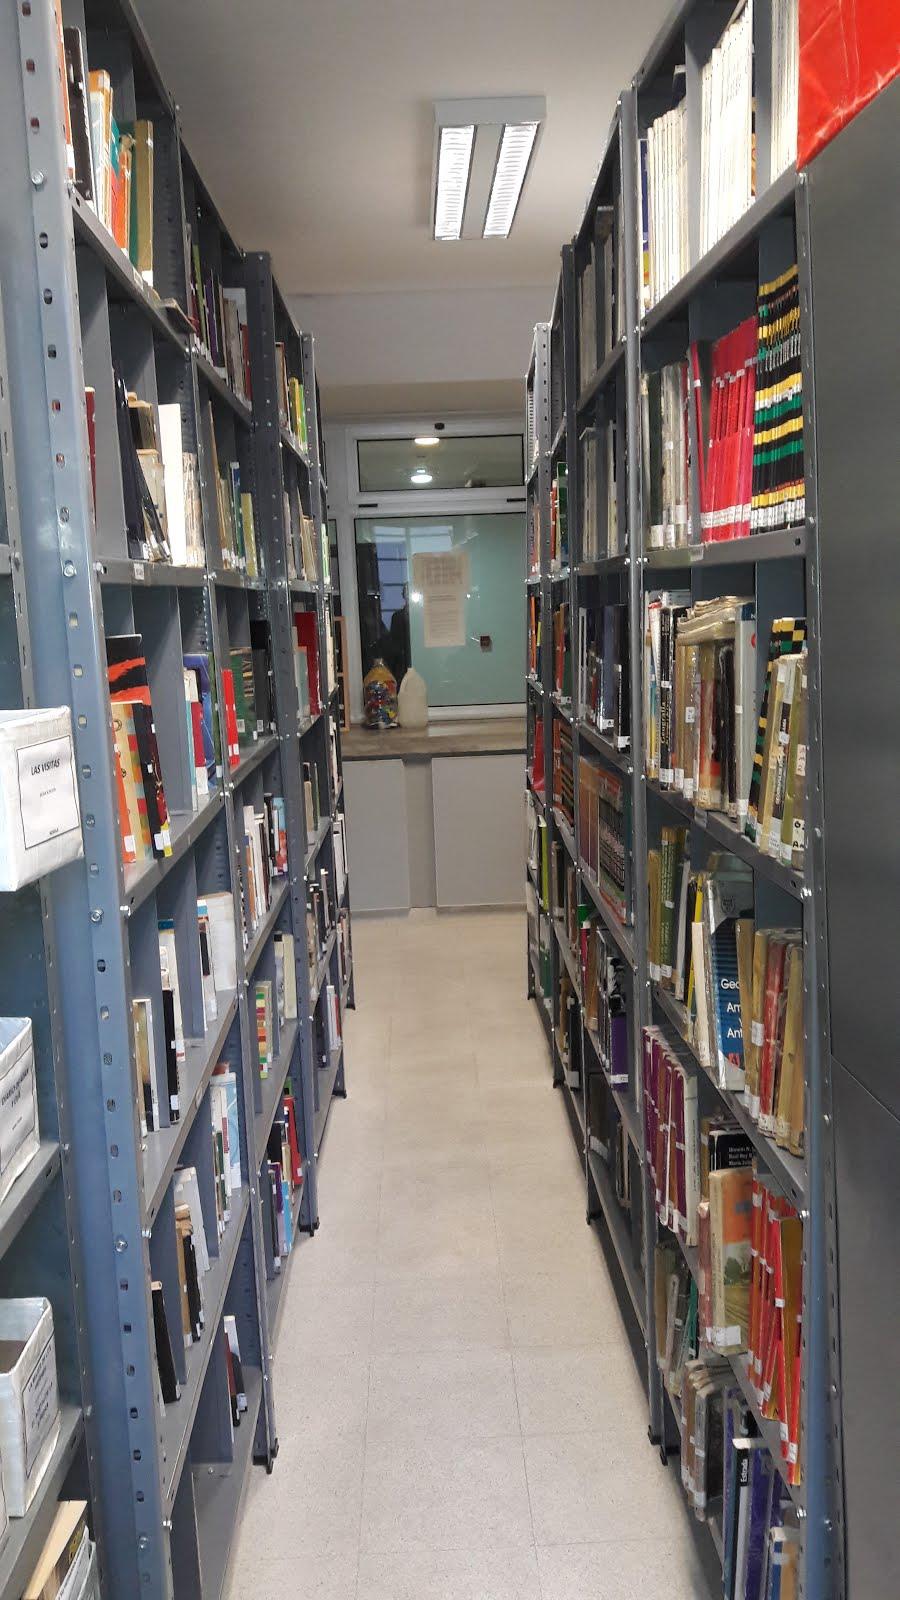 Biblioteca estanterías y anaqueles